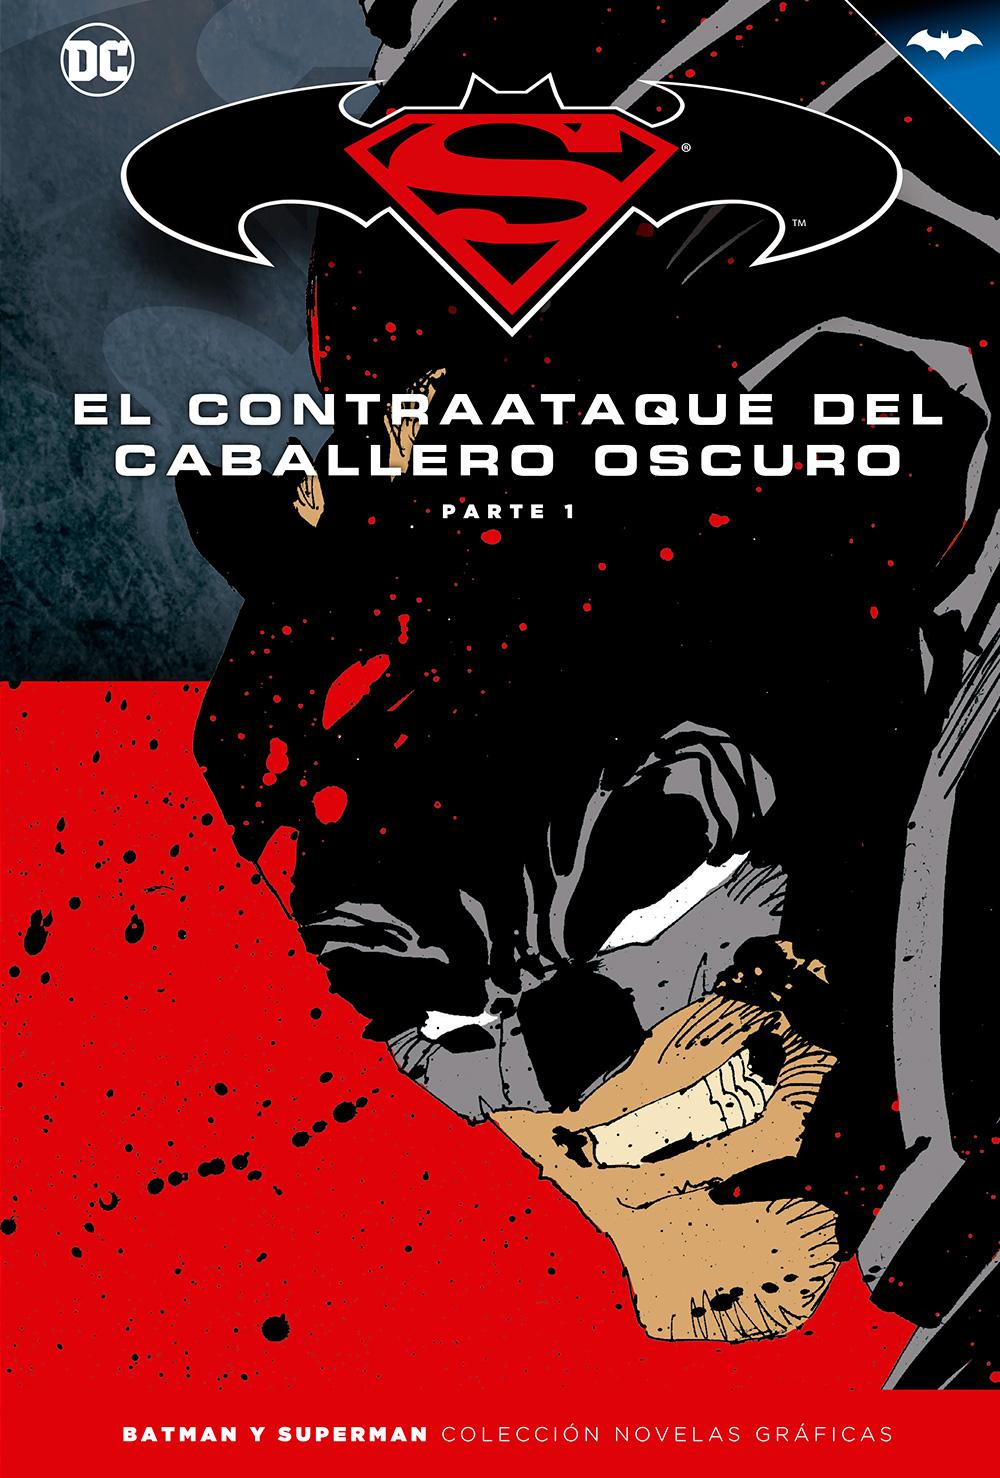 [DC - Salvat] Batman y Superman: Colección Novelas Gráficas - Página 4 Portada_BMSM_9_ECDCO_1